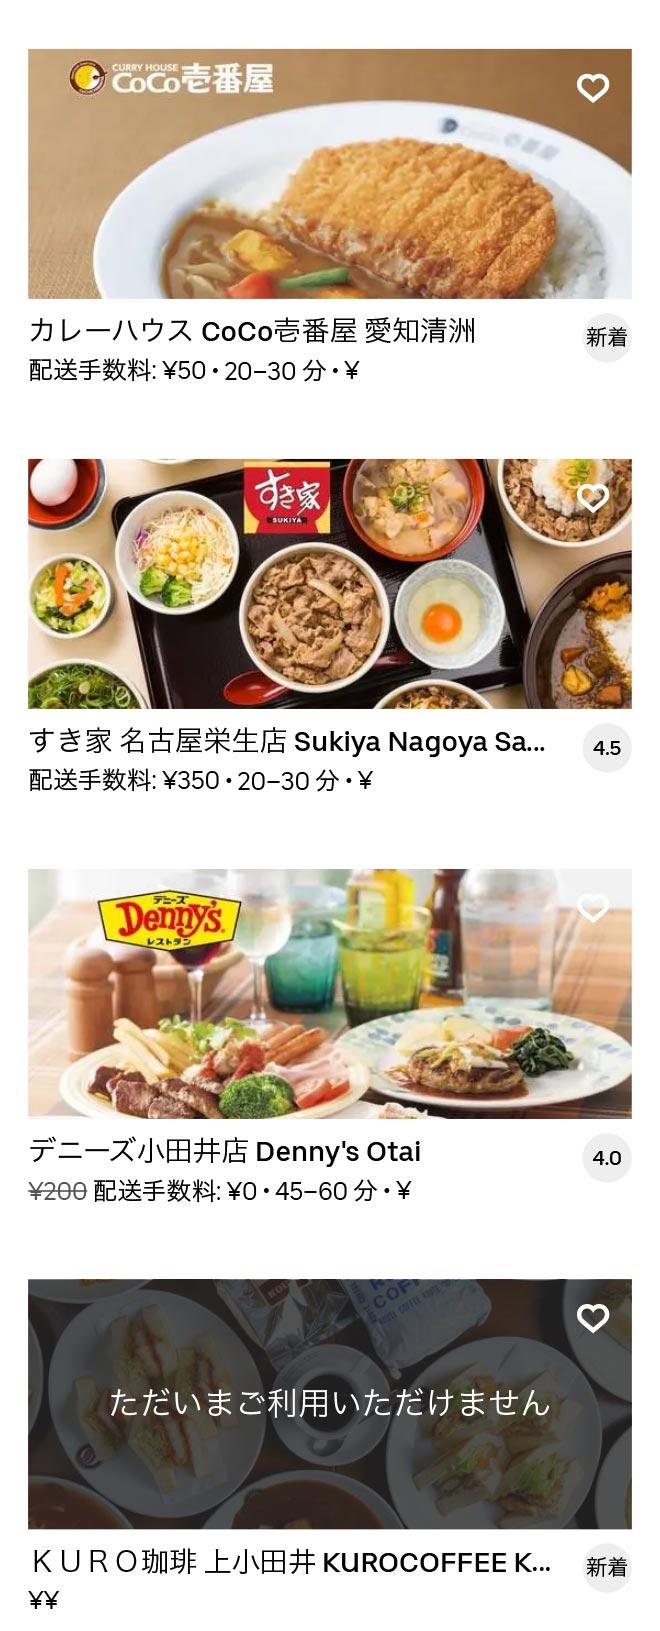 Hoshinomiya menu 2010 03